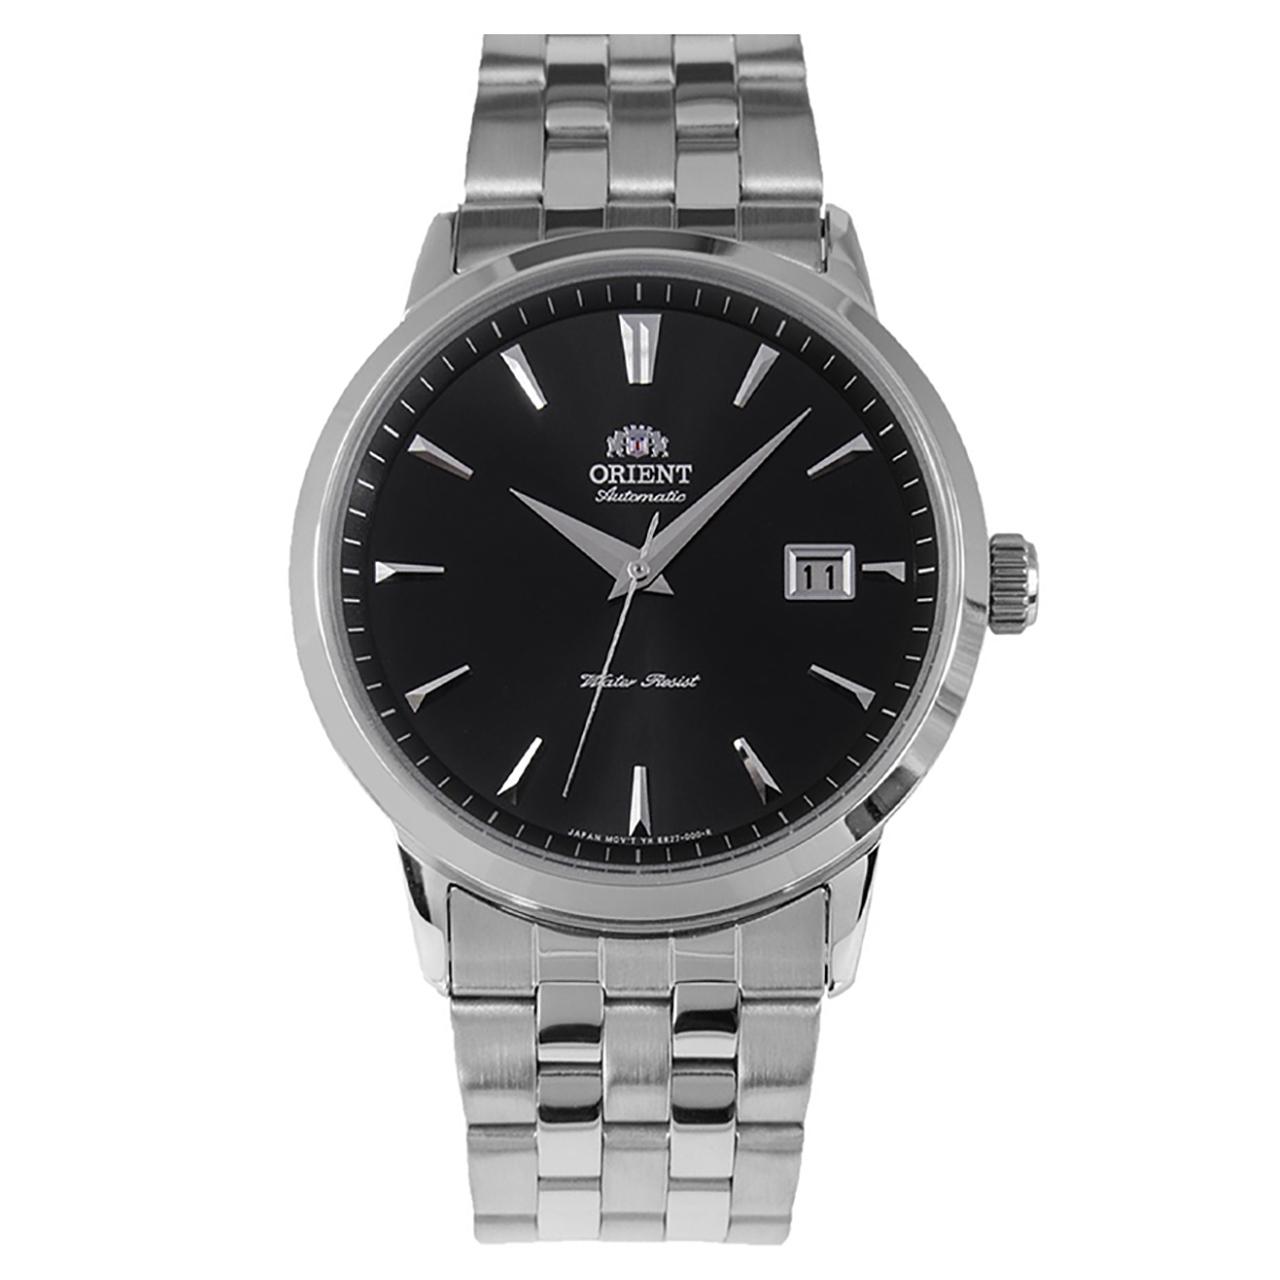 ساعت مچی عقربه ای مردانه  اورینت مدل SER27009B0 42